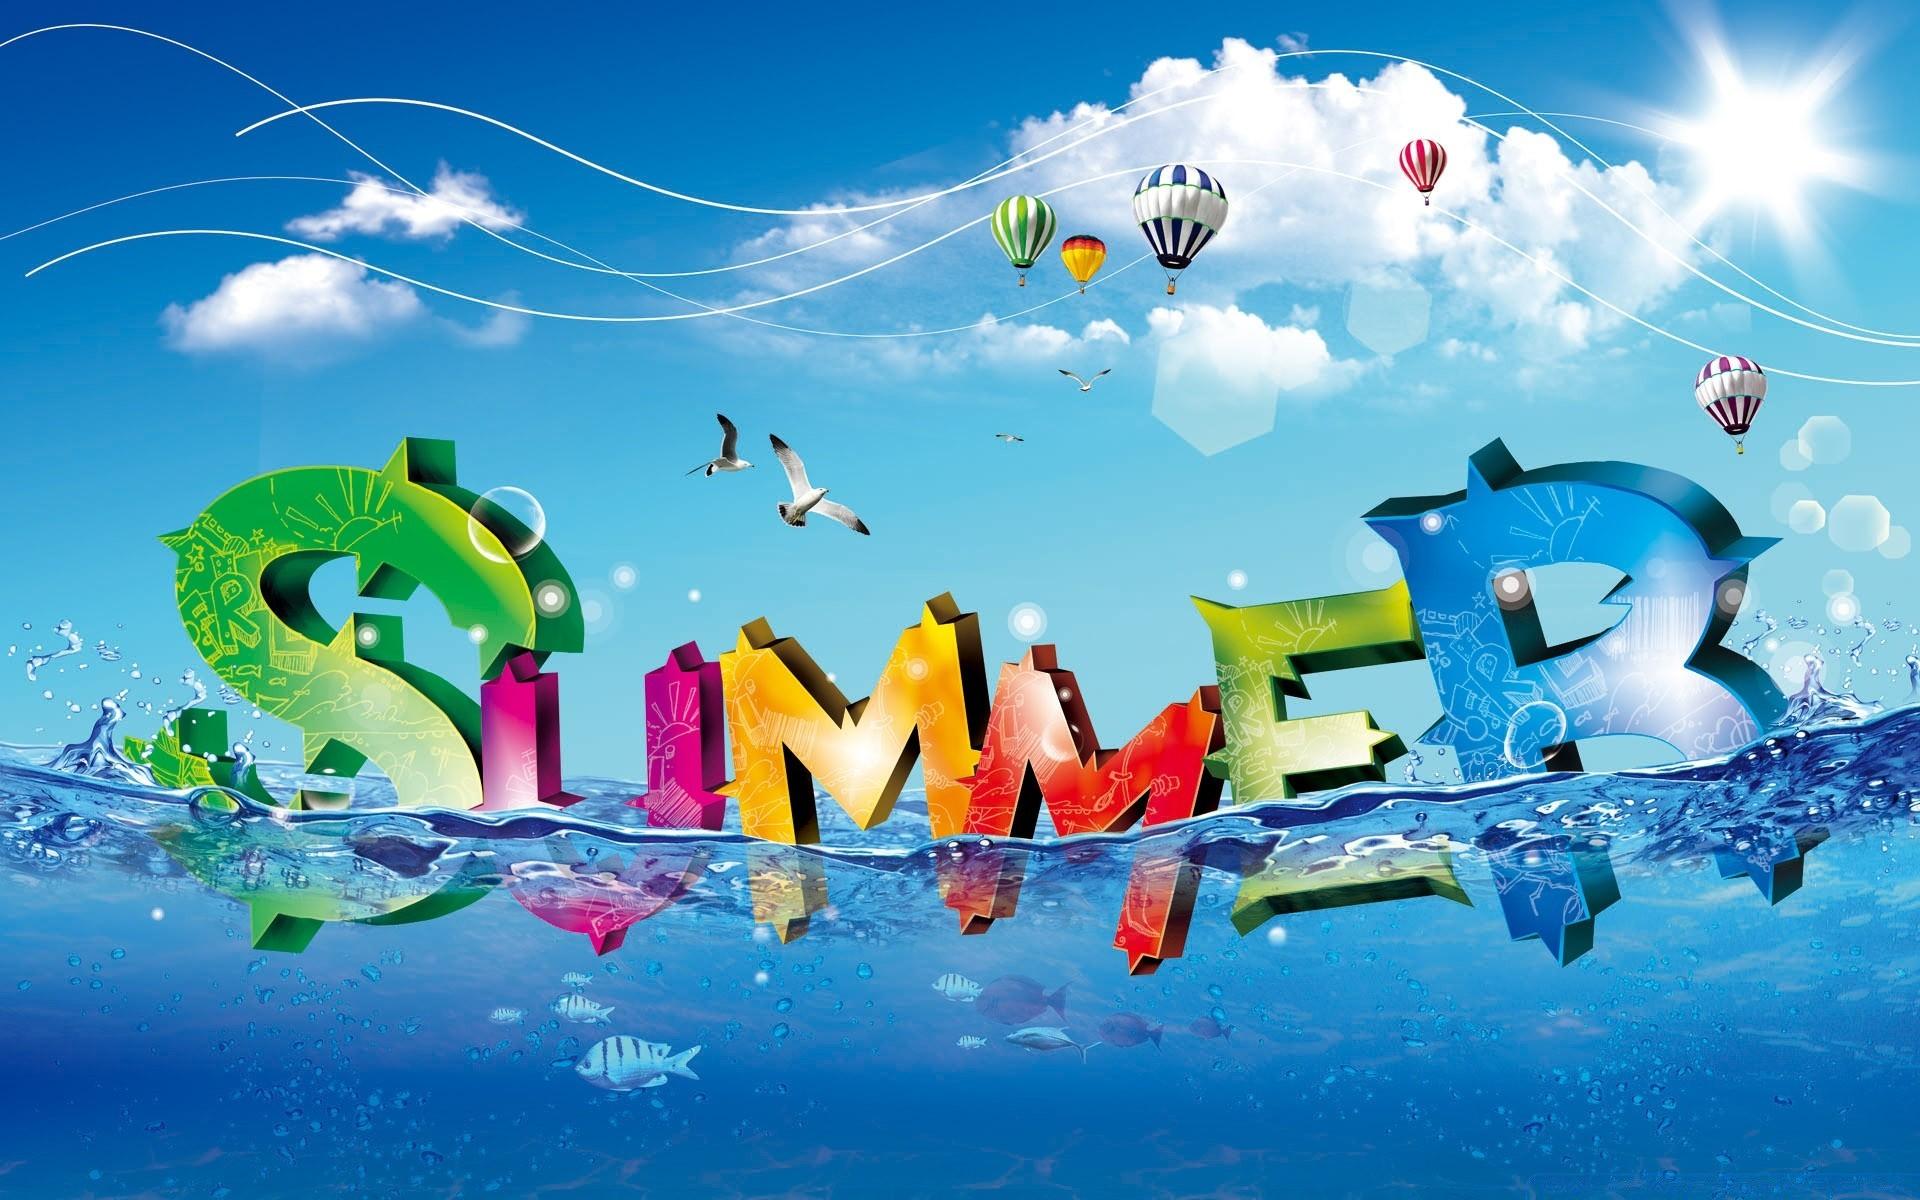 Картинки красивые с надписью лето